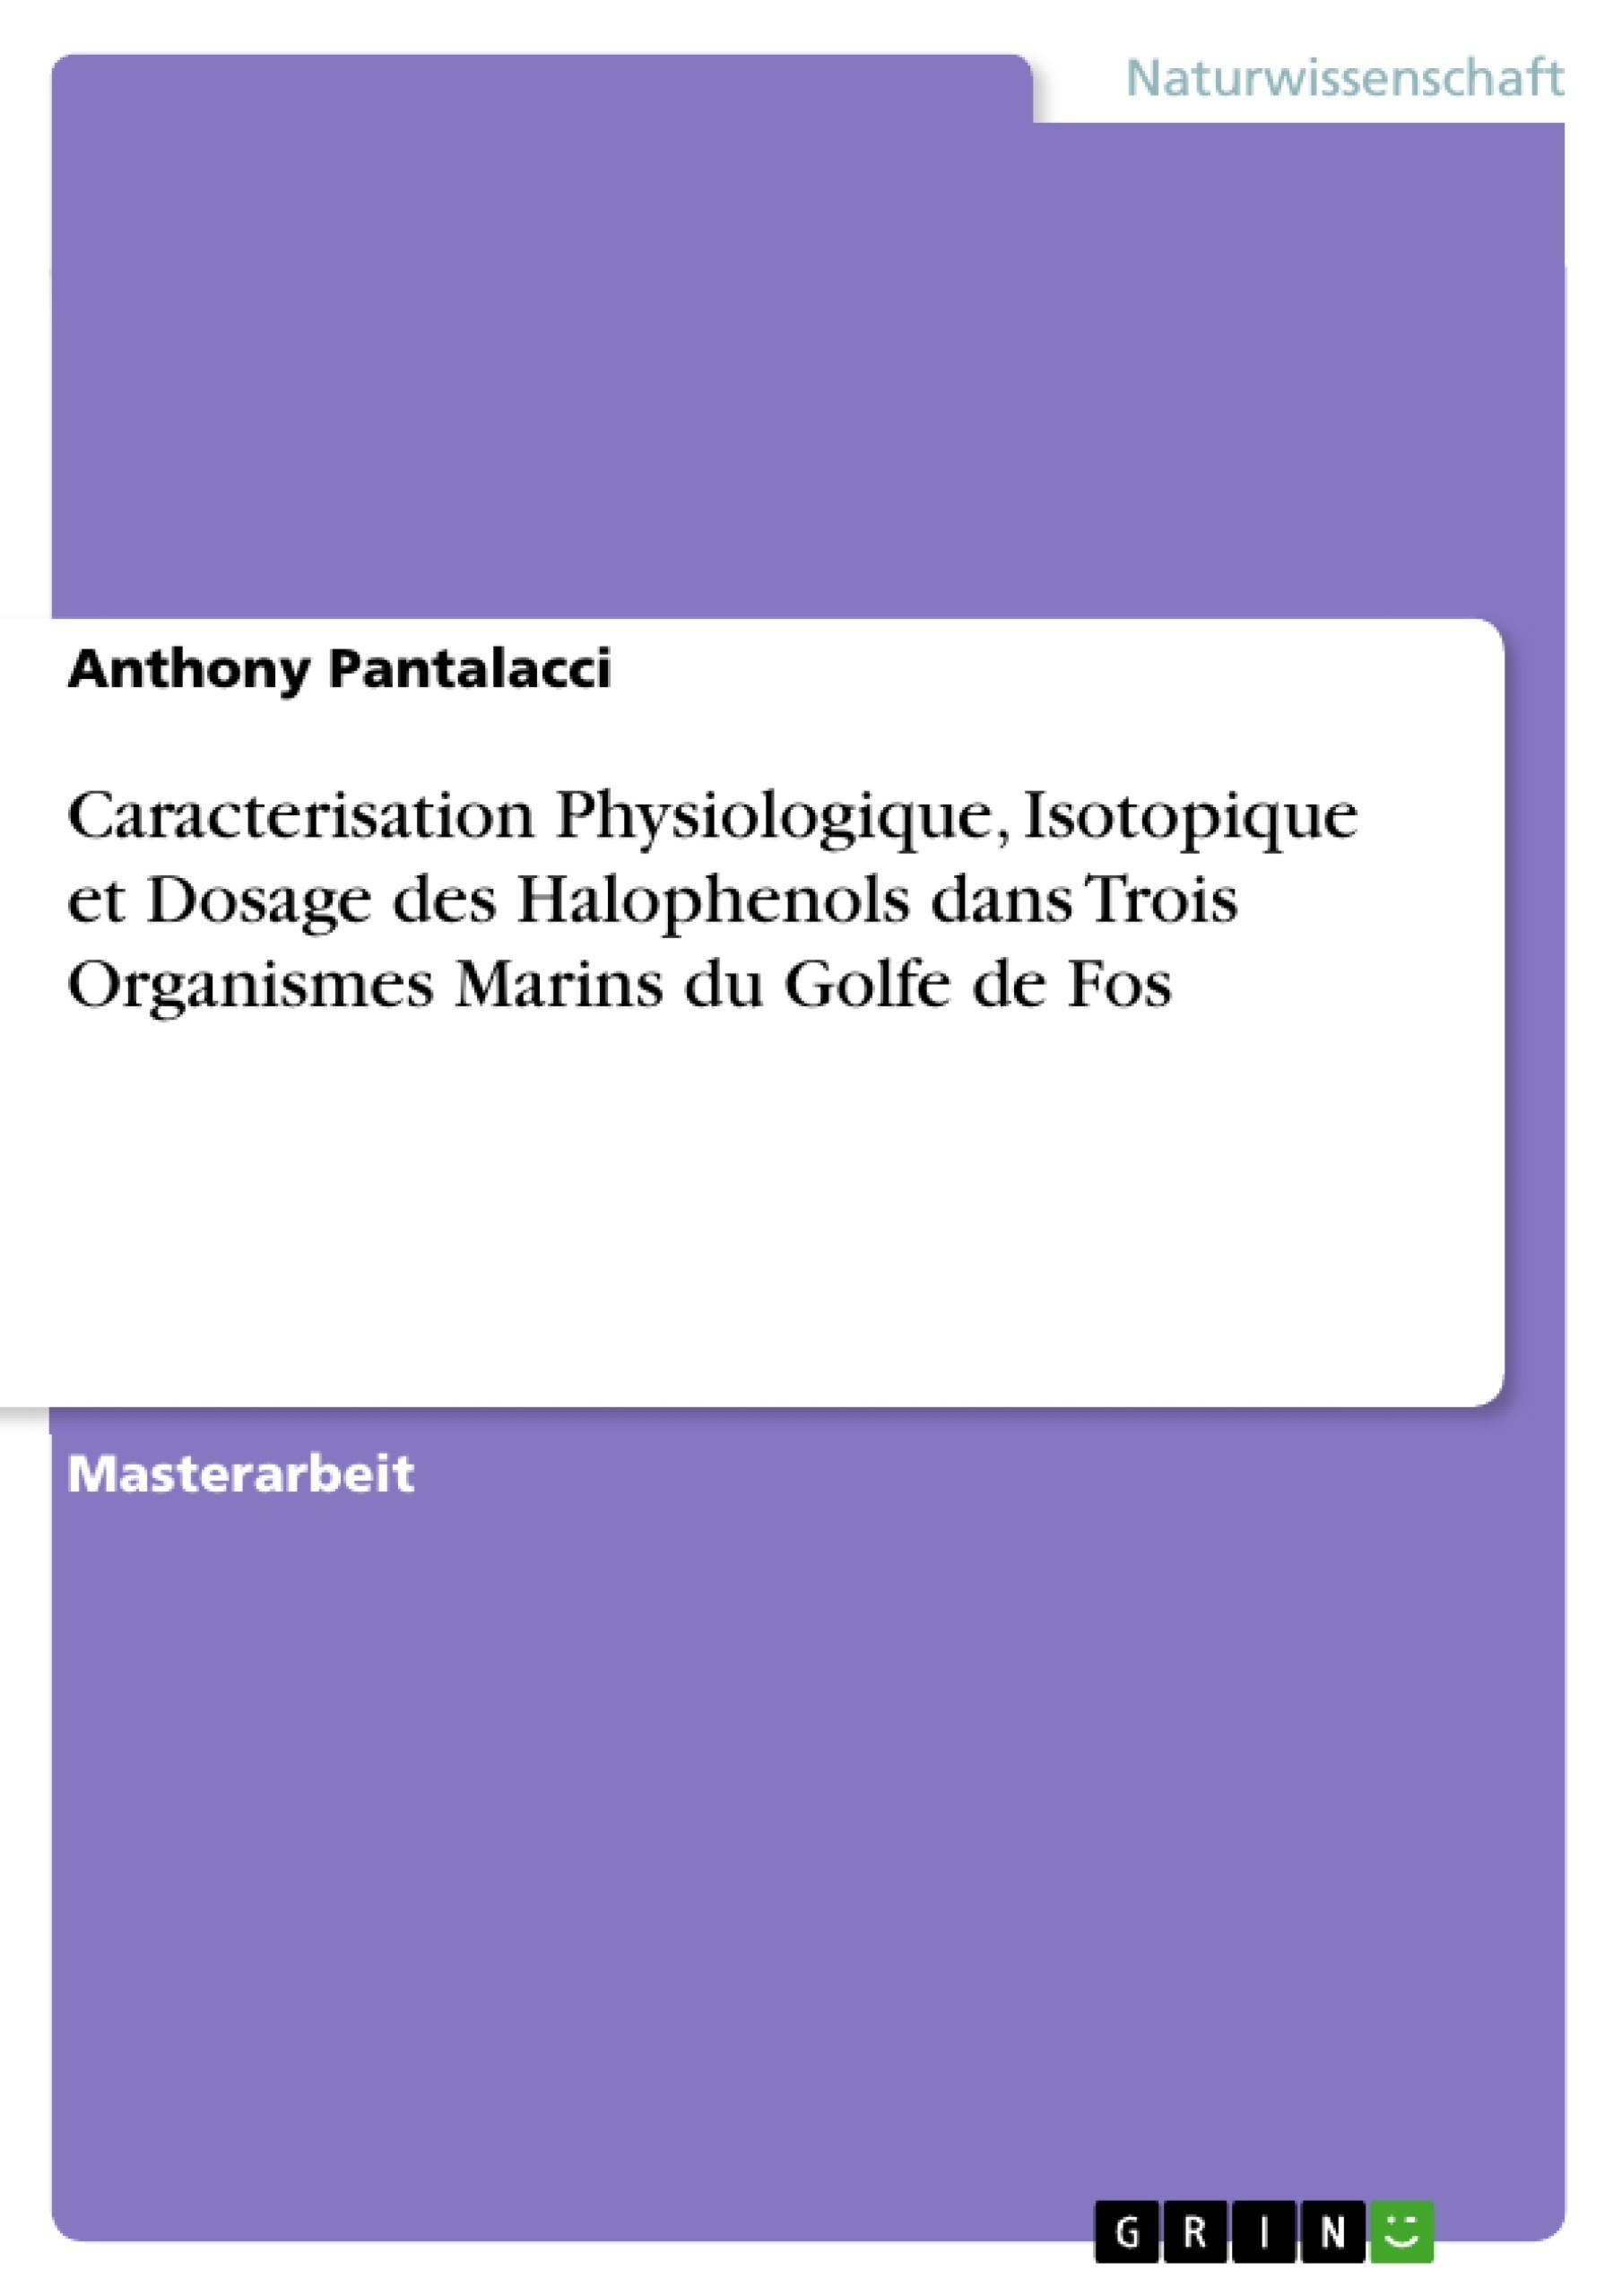 Titel: Caracterisation Physiologique, Isotopique et Dosage des Halophenols dans Trois Organismes Marins du Golfe de Fos